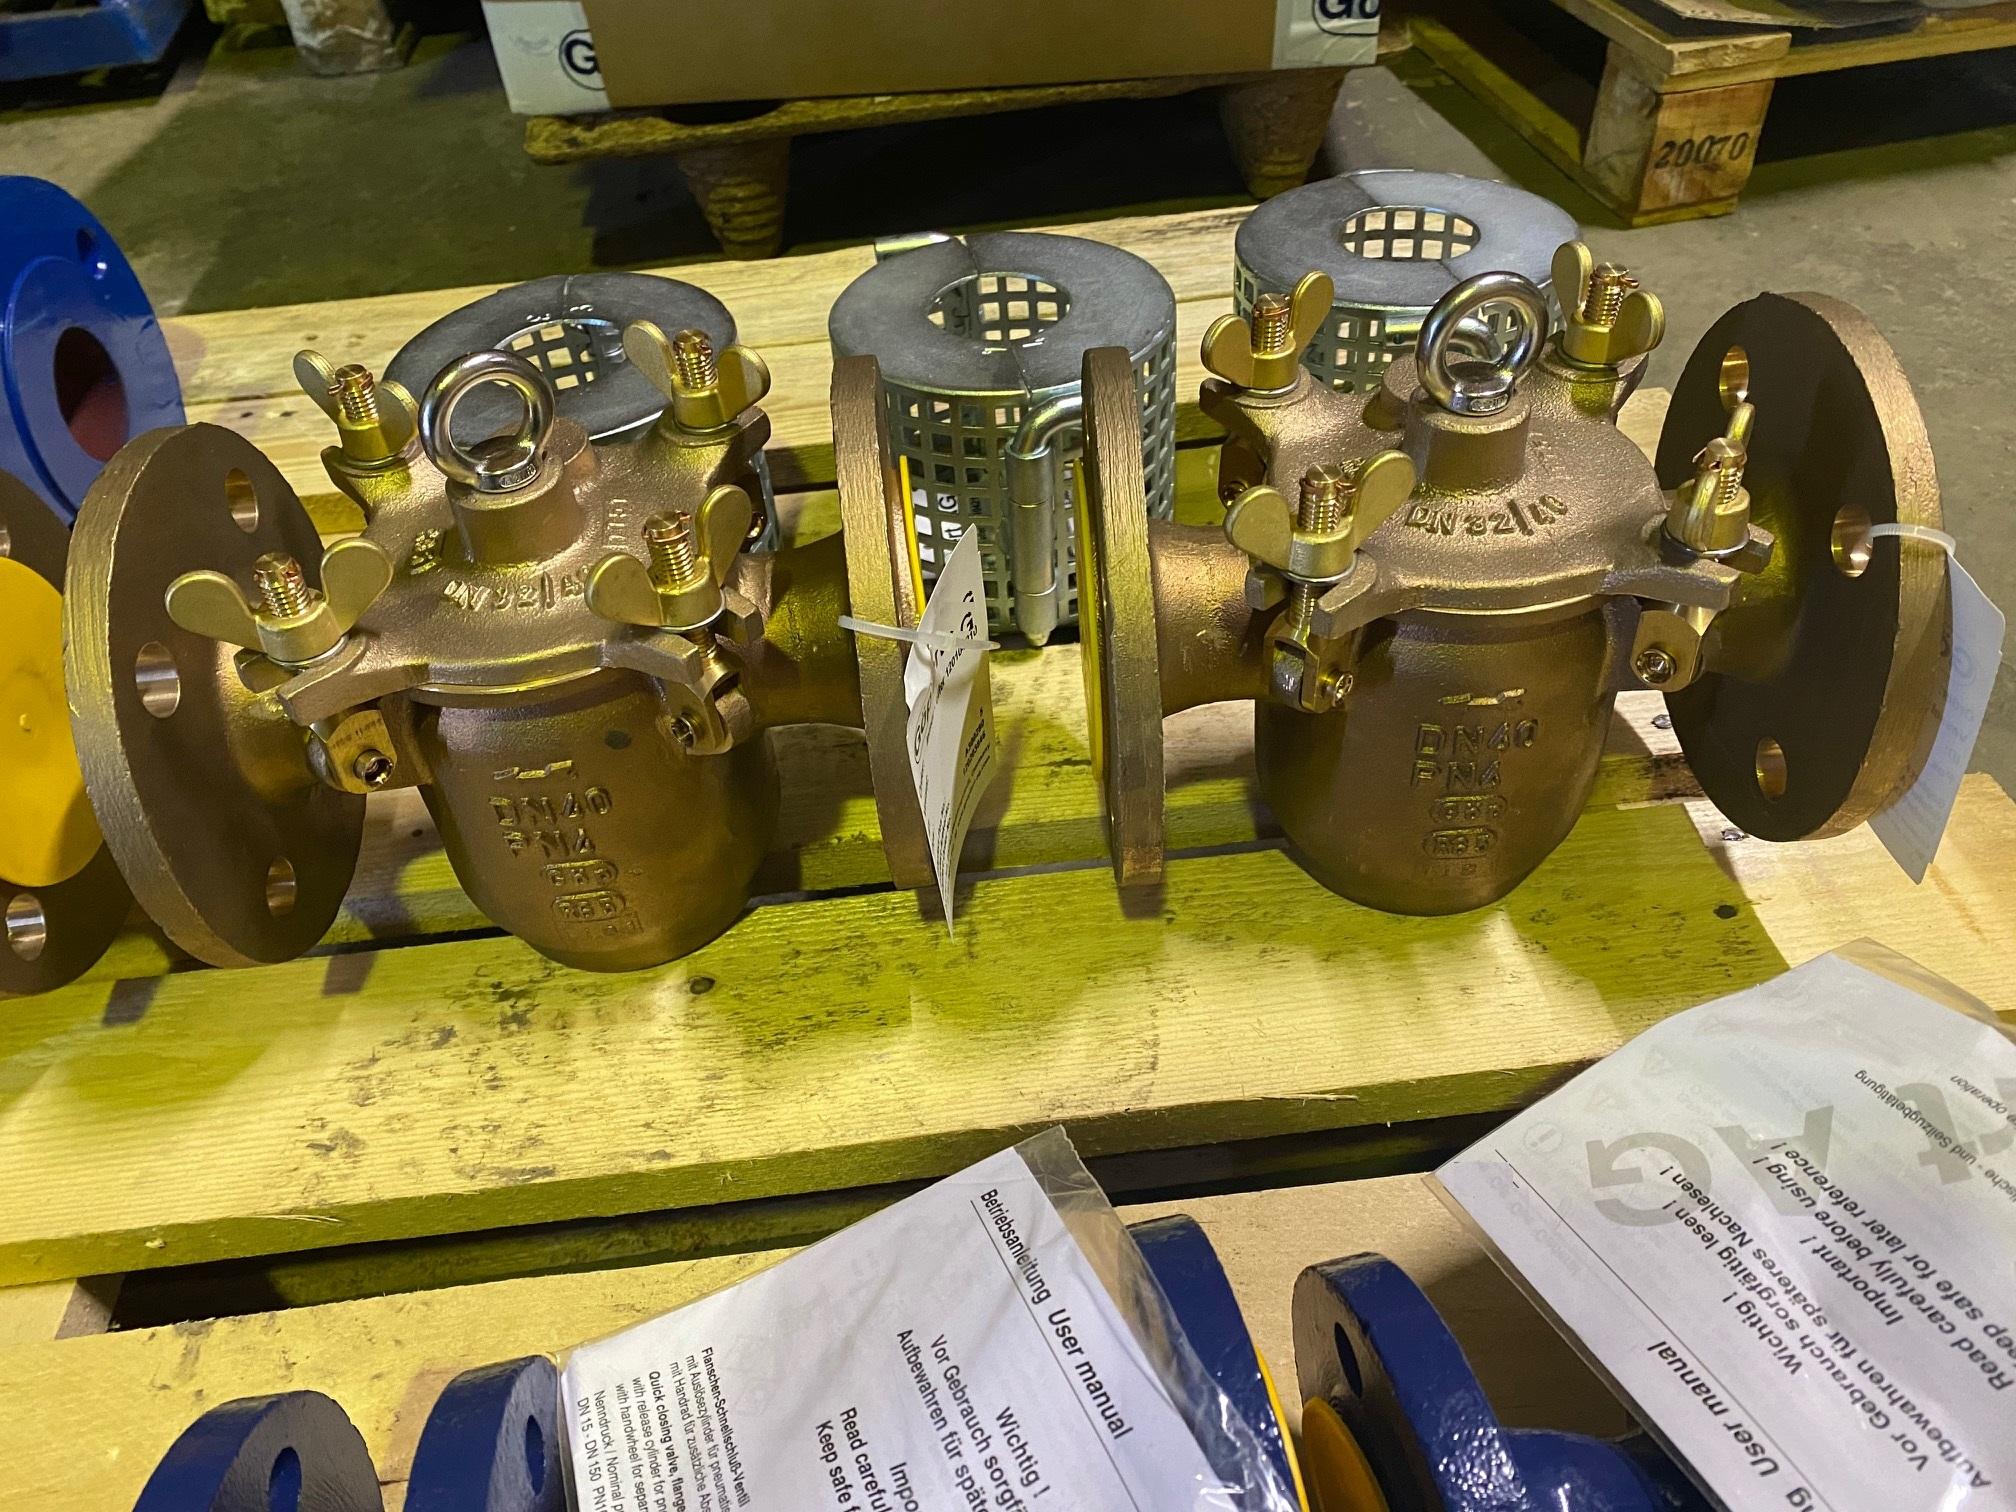 судовые бронзовые фильтры судовые бронзовые грязевые коробки